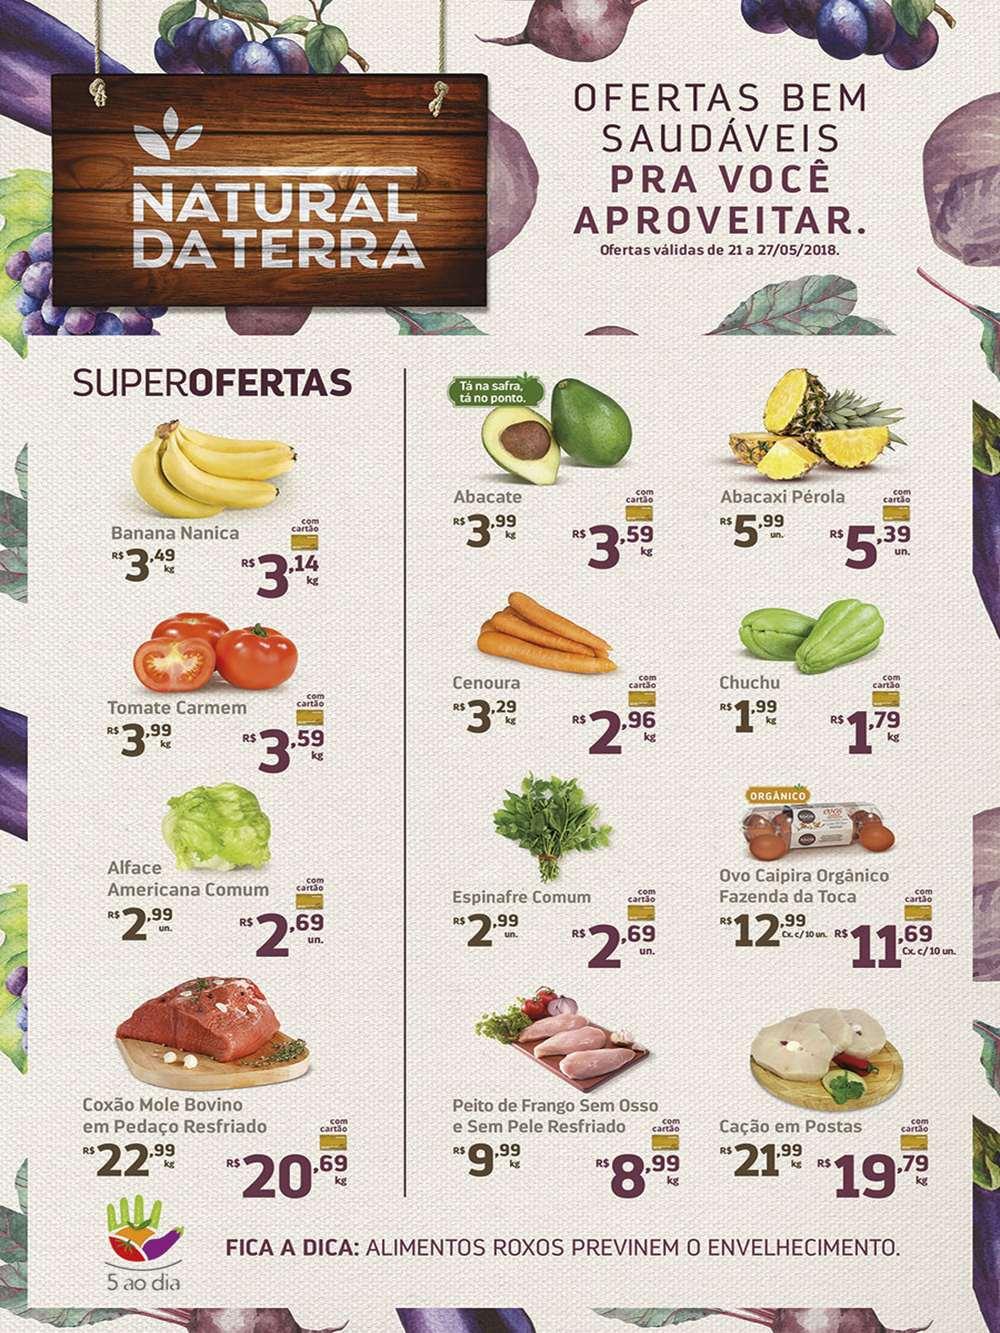 Ofertas-natural1-2 Supermercados